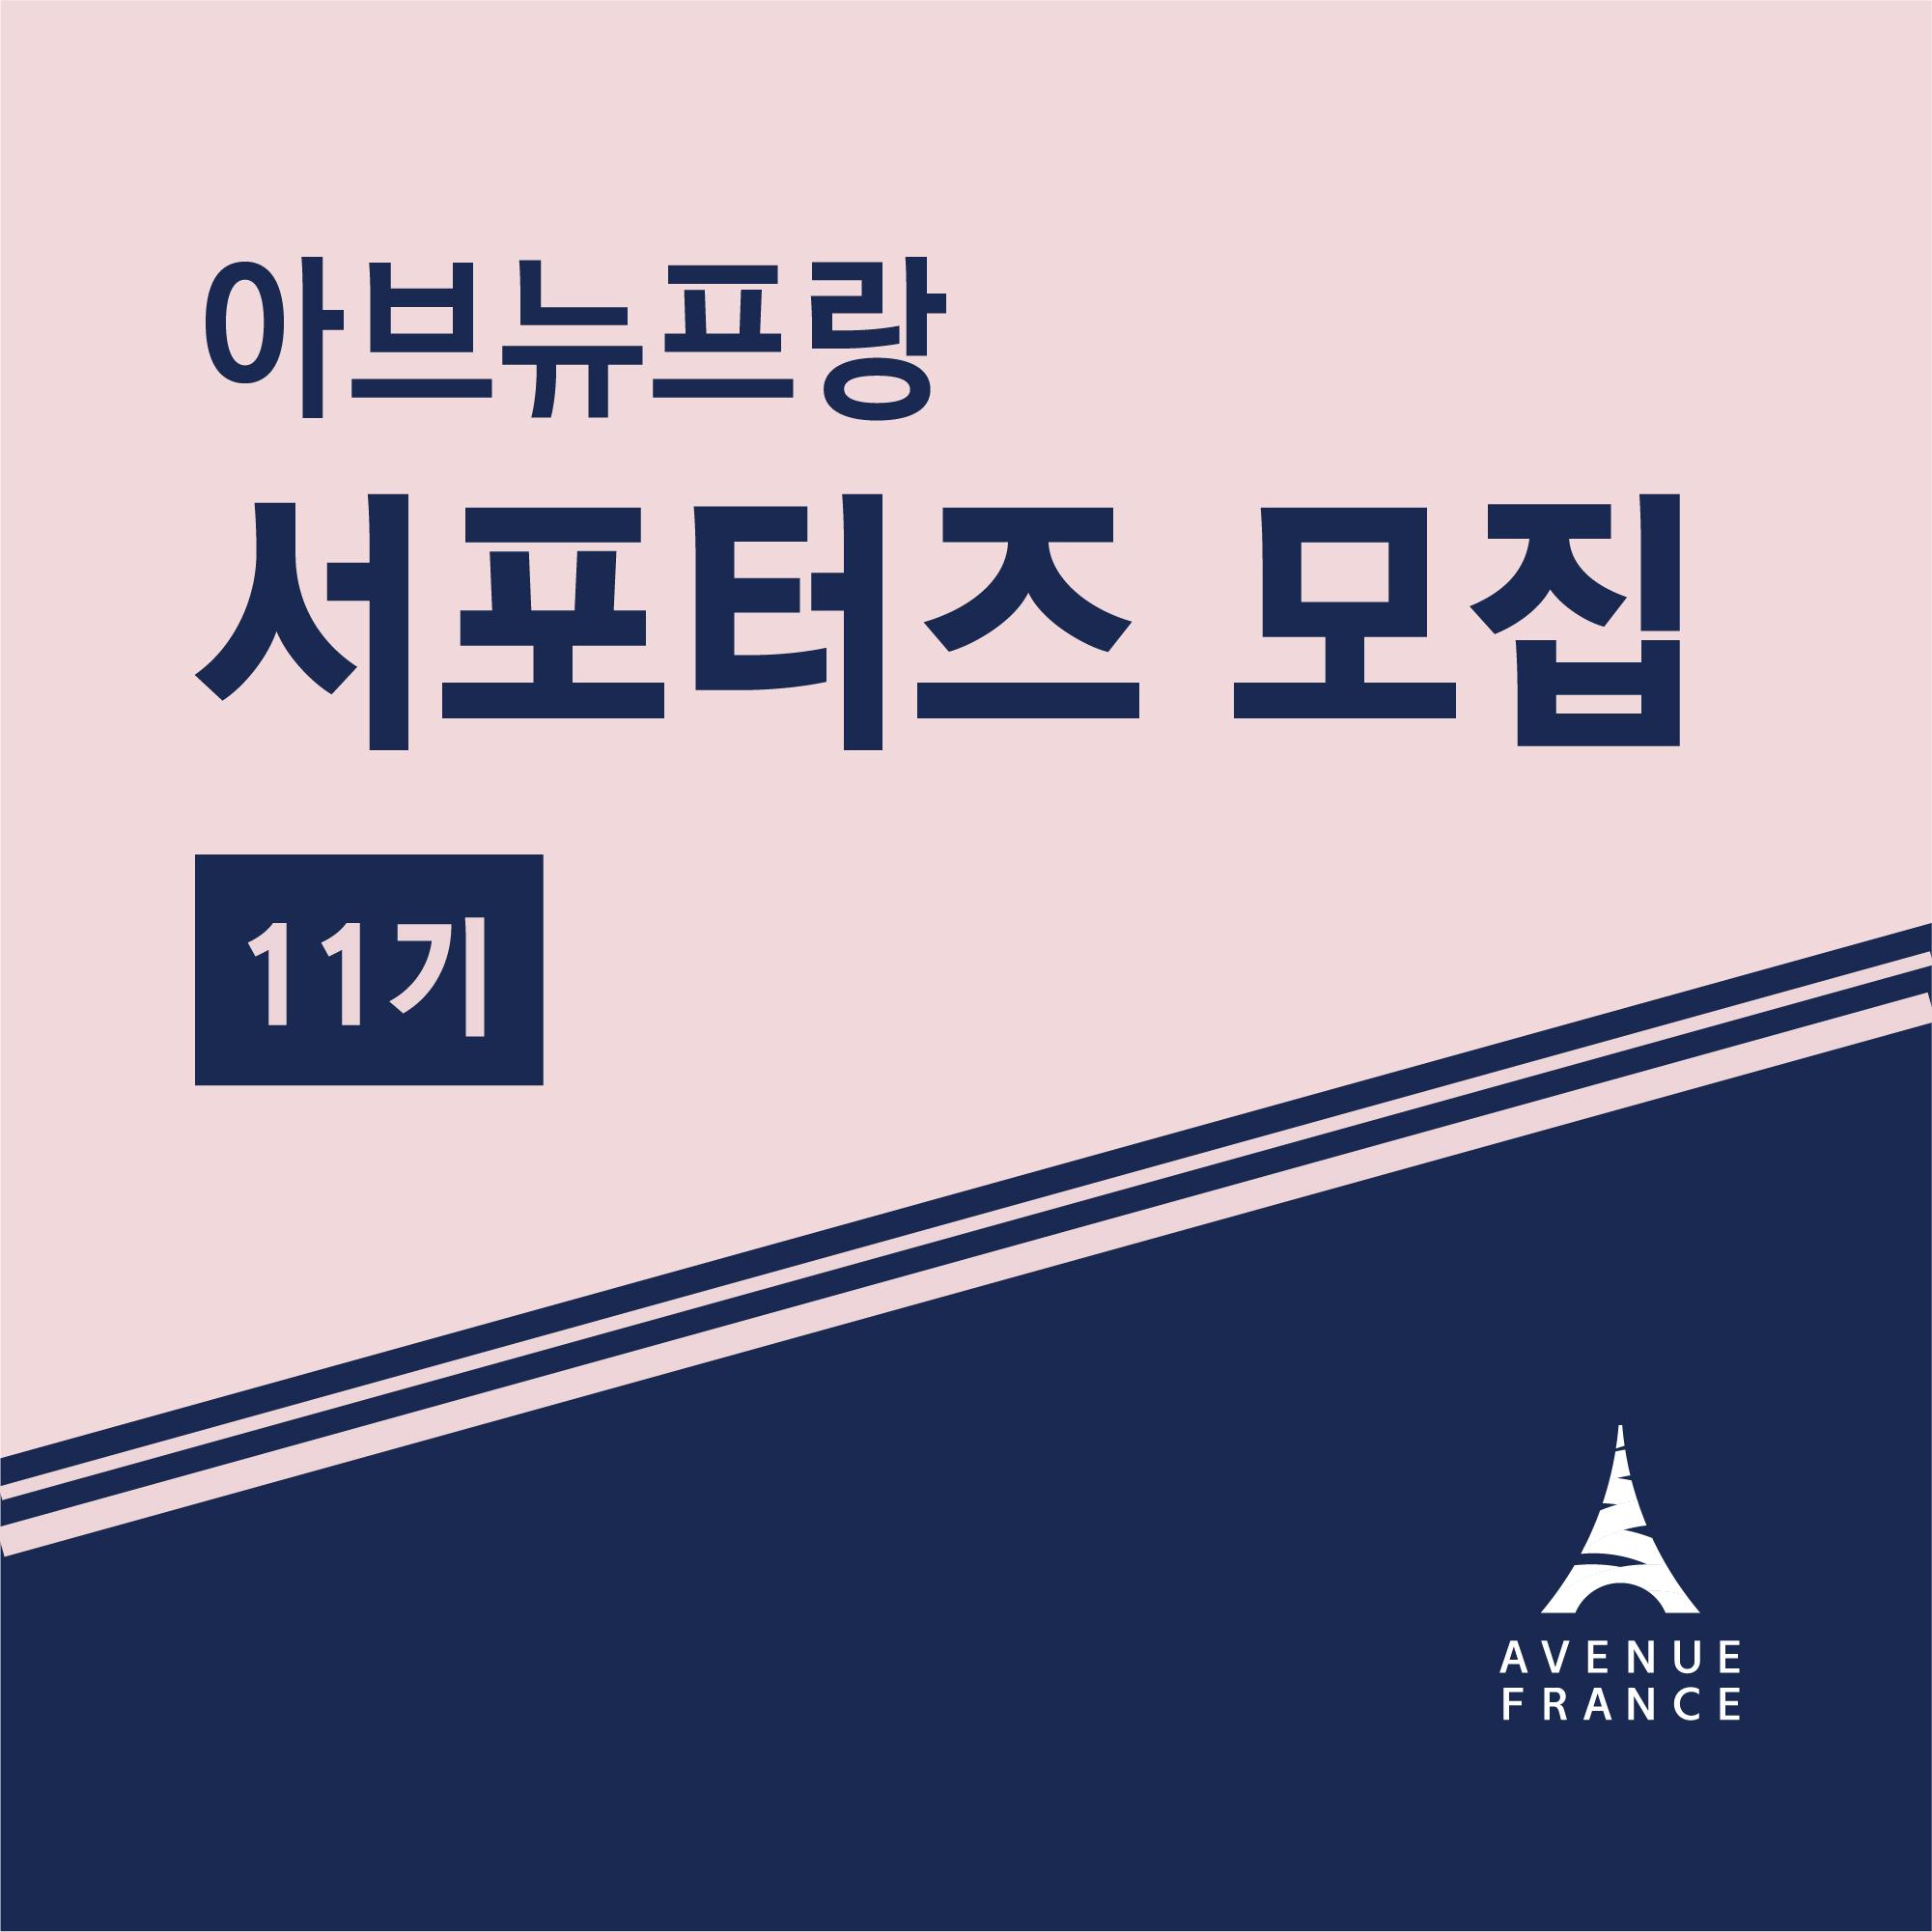 아브뉴프랑 서포터즈 11기 모집